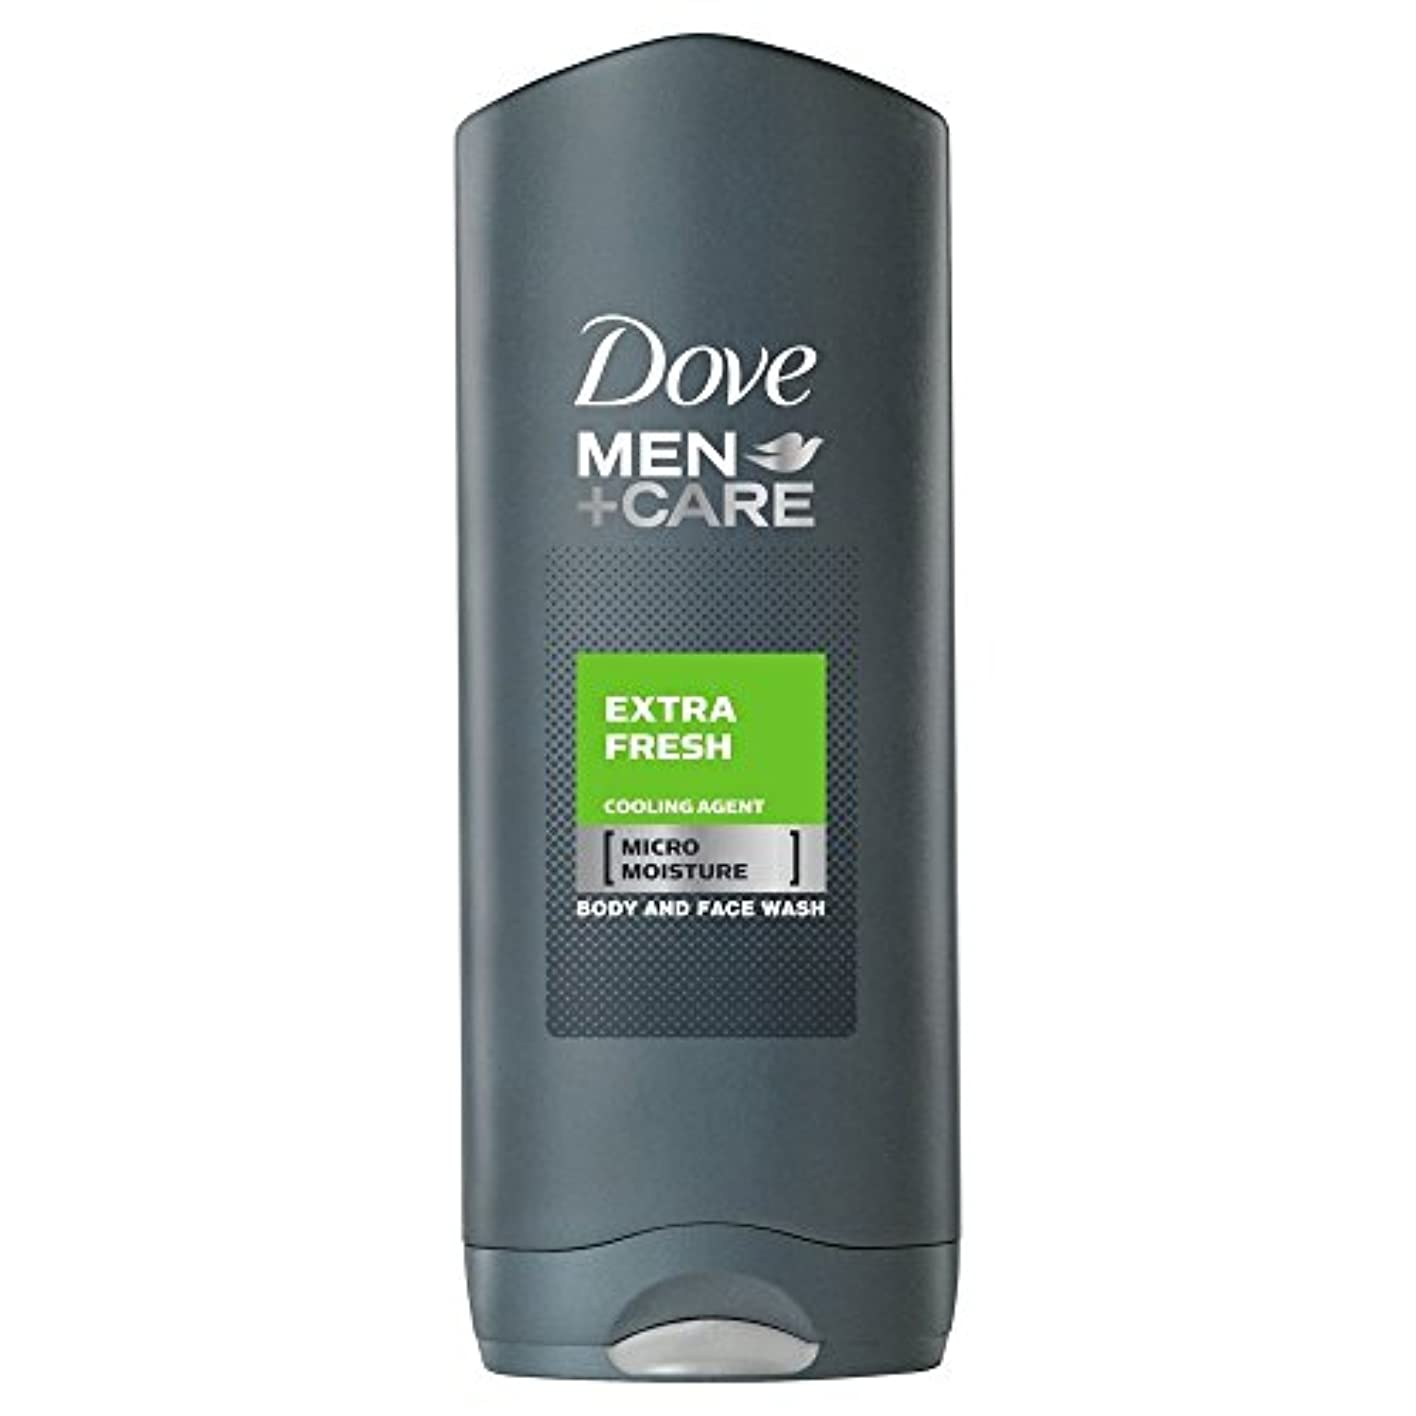 ラック不規則性個人的にDove Men + Care Body & Face Wash - Extra Fresh (250ml) 鳩の男性は+ボディと洗顔ケア - 余分な新鮮な( 250ミリリットル)を [並行輸入品]